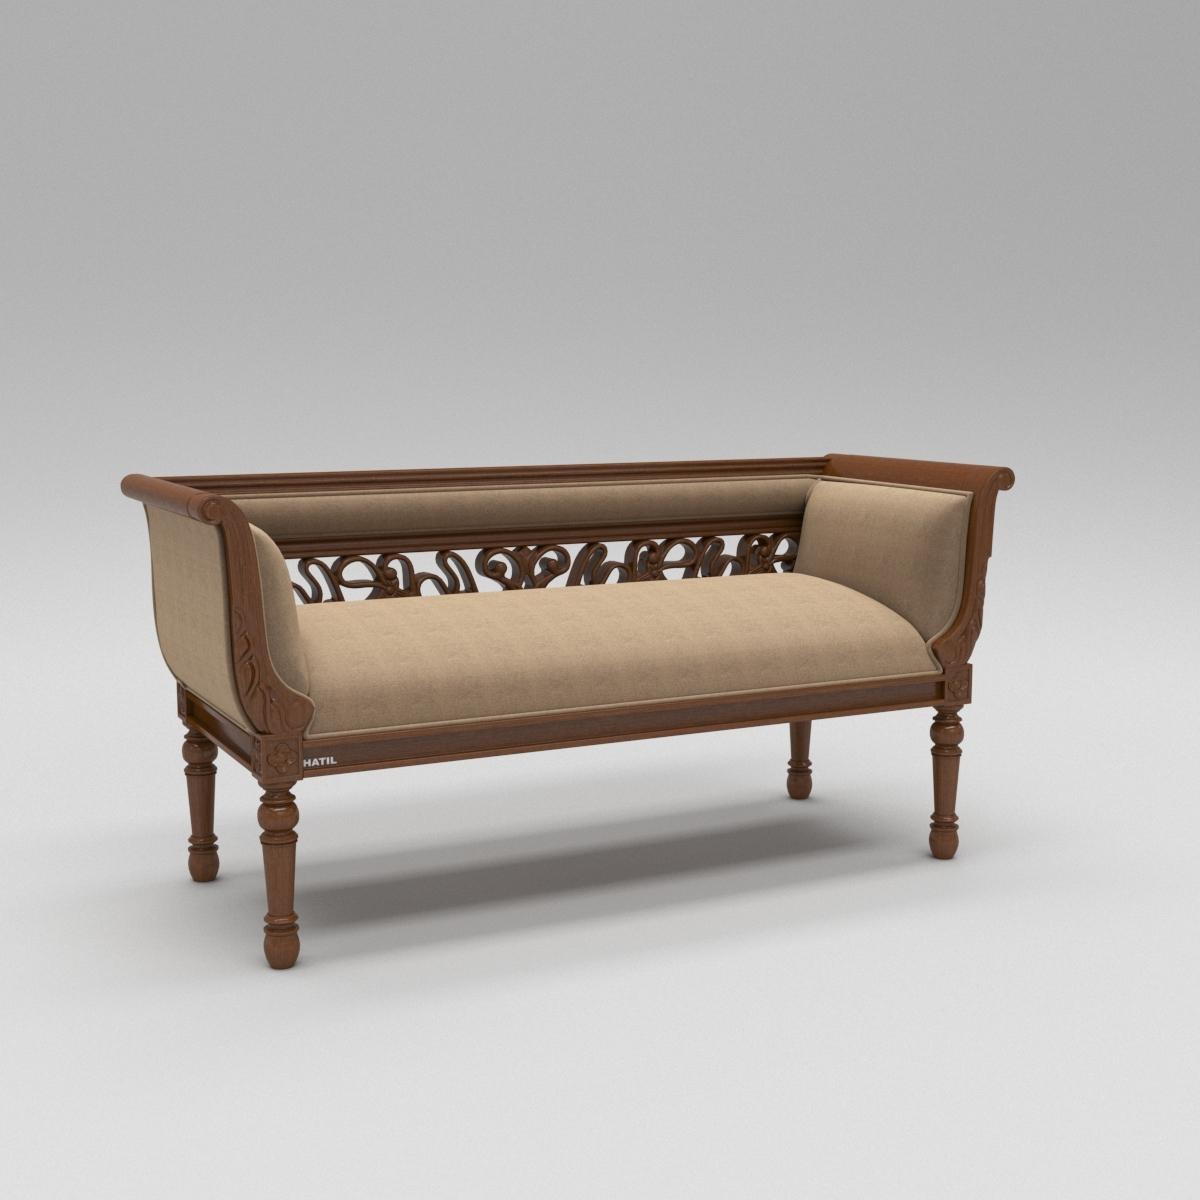 Traditional Wooden Divan Sofa